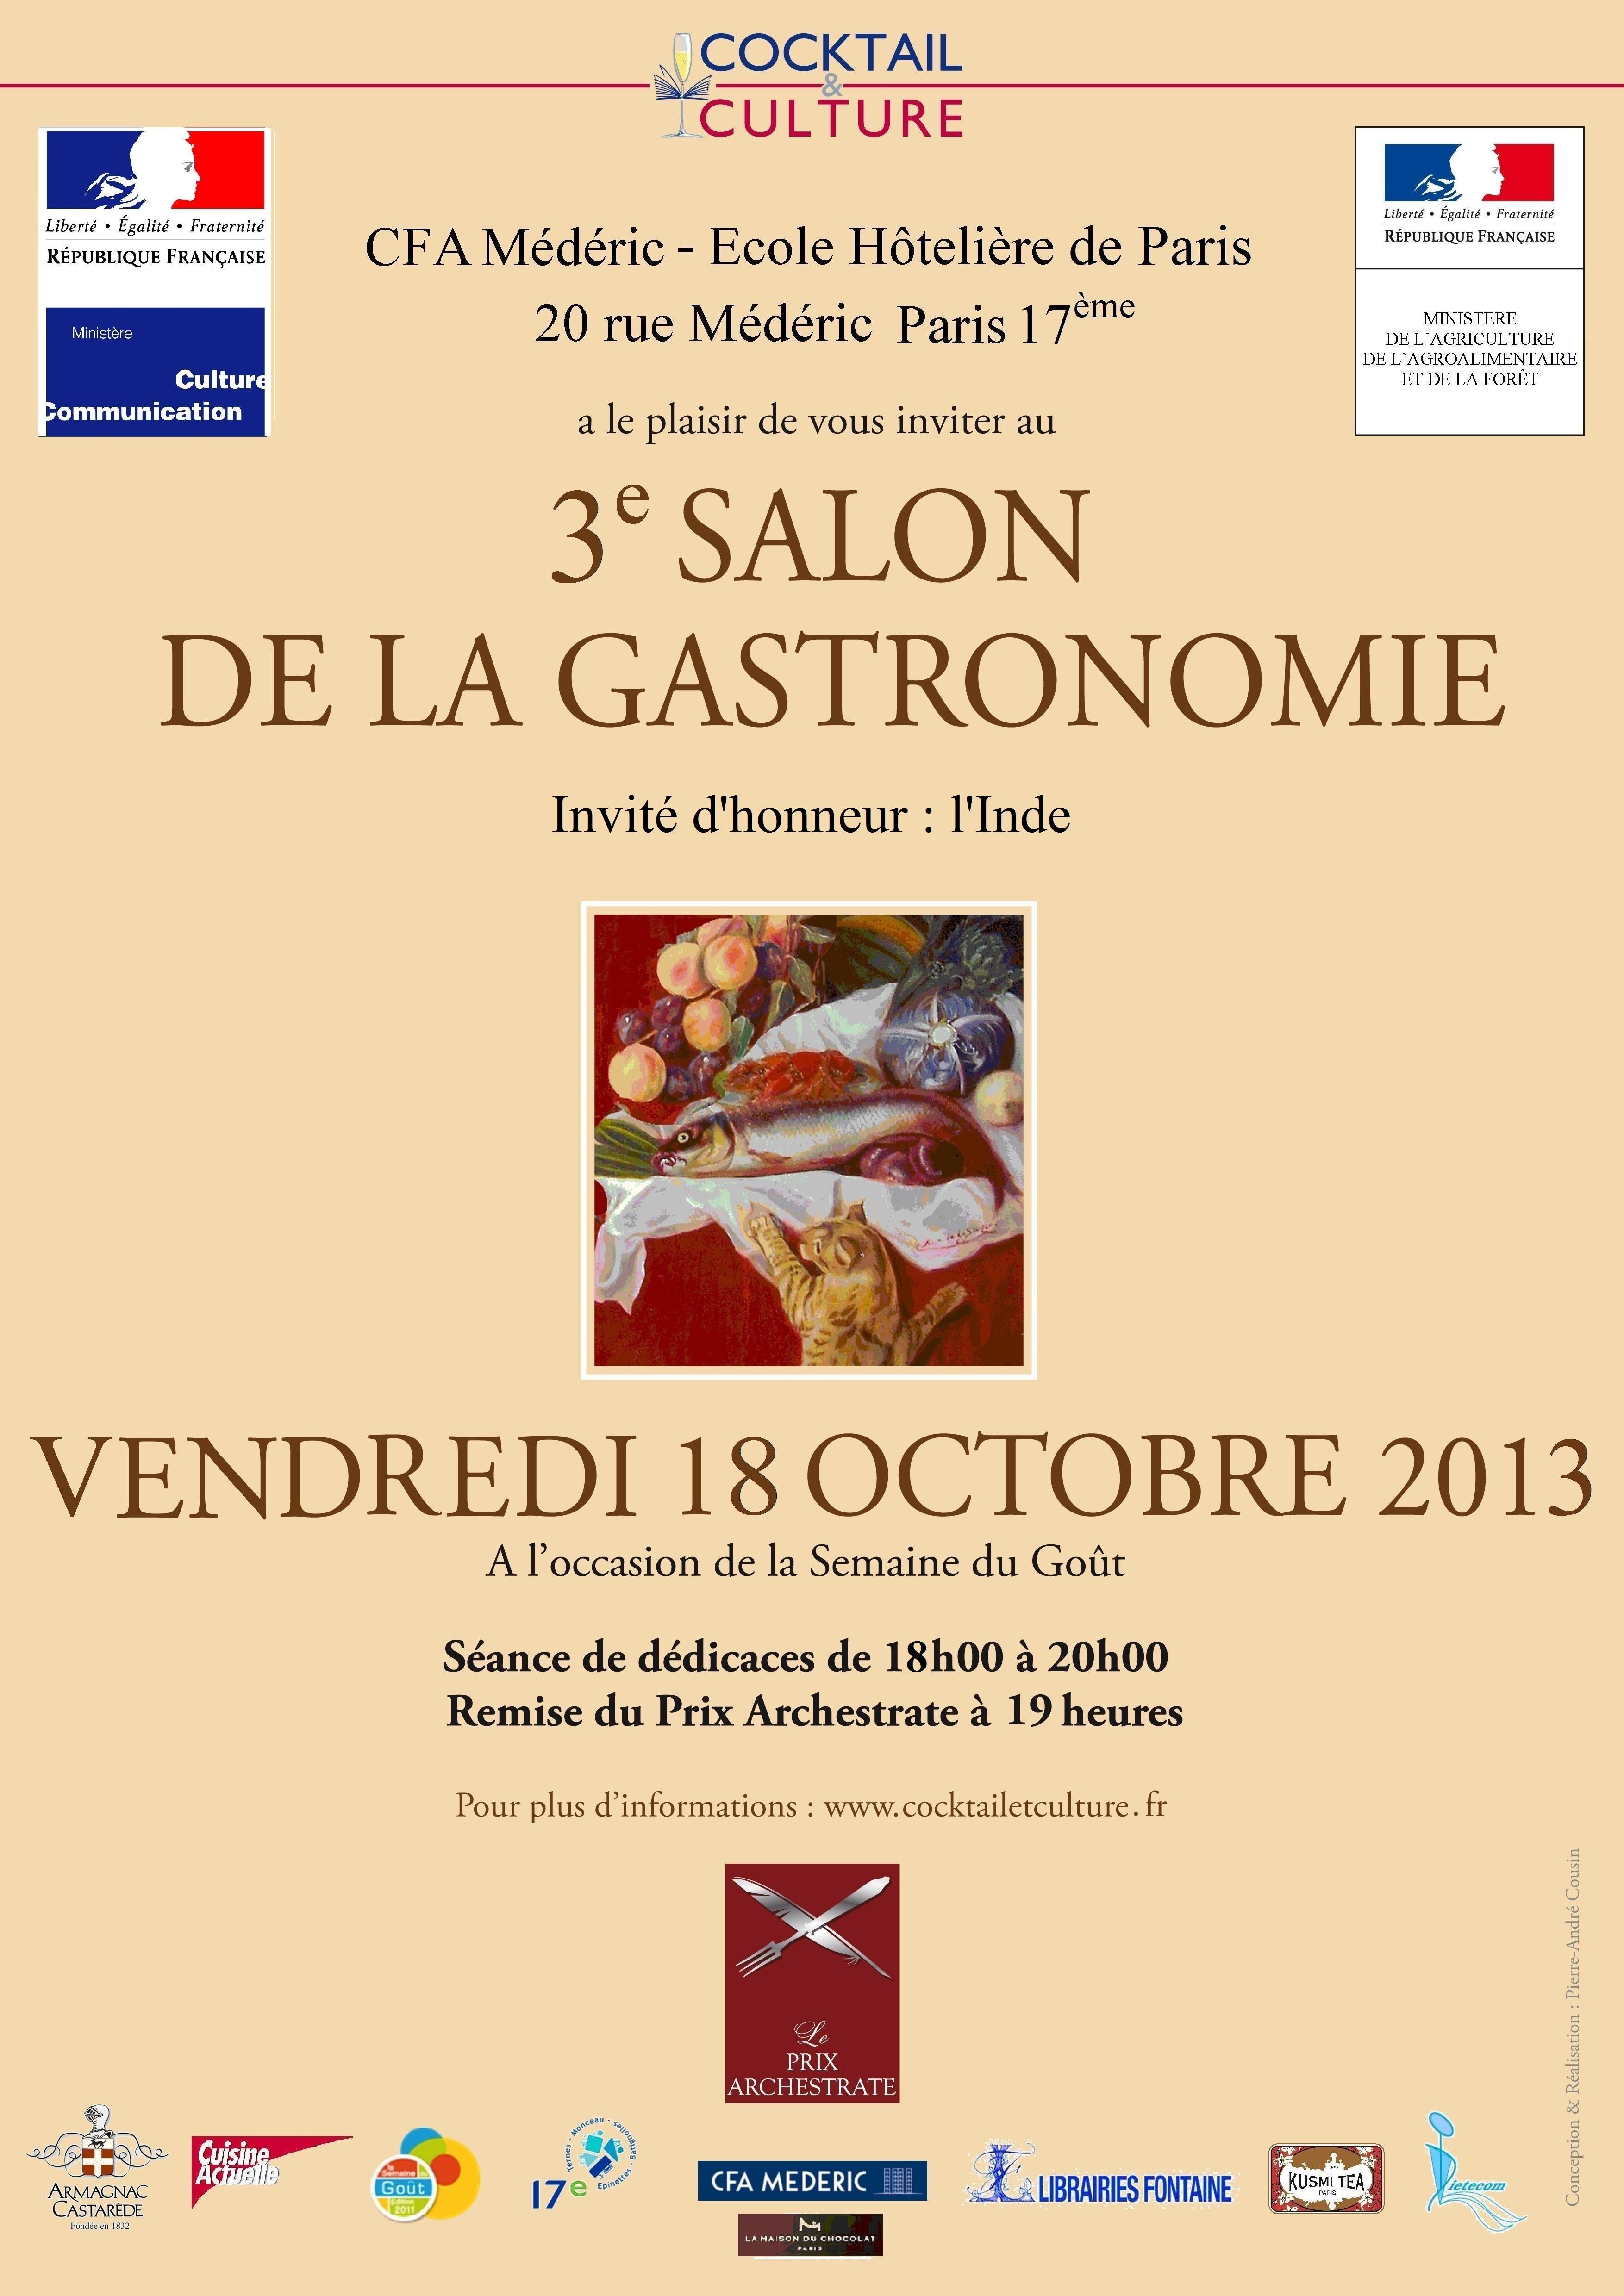 L 39 inde invite d 39 honneur au 3 me salon de la gastronomie paris pinklotusinindia - Salon de la gastronomie paris ...